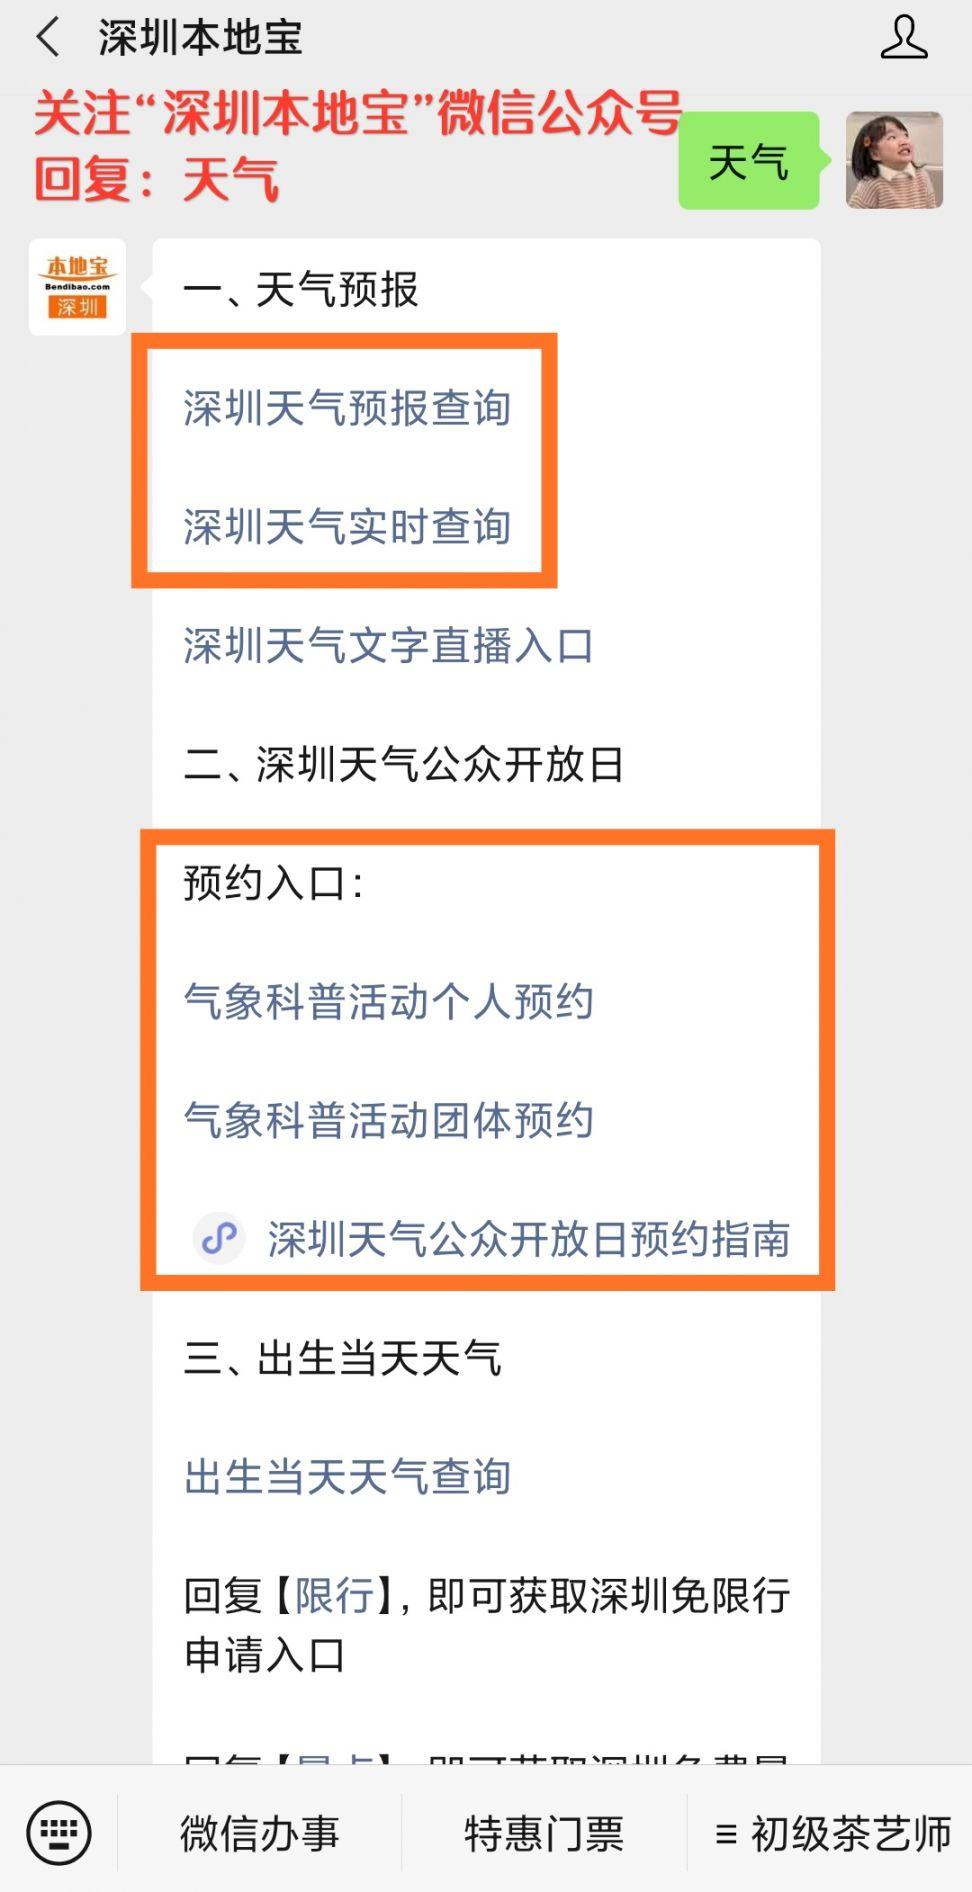 2020年11月25日深圳天气多云间晴天